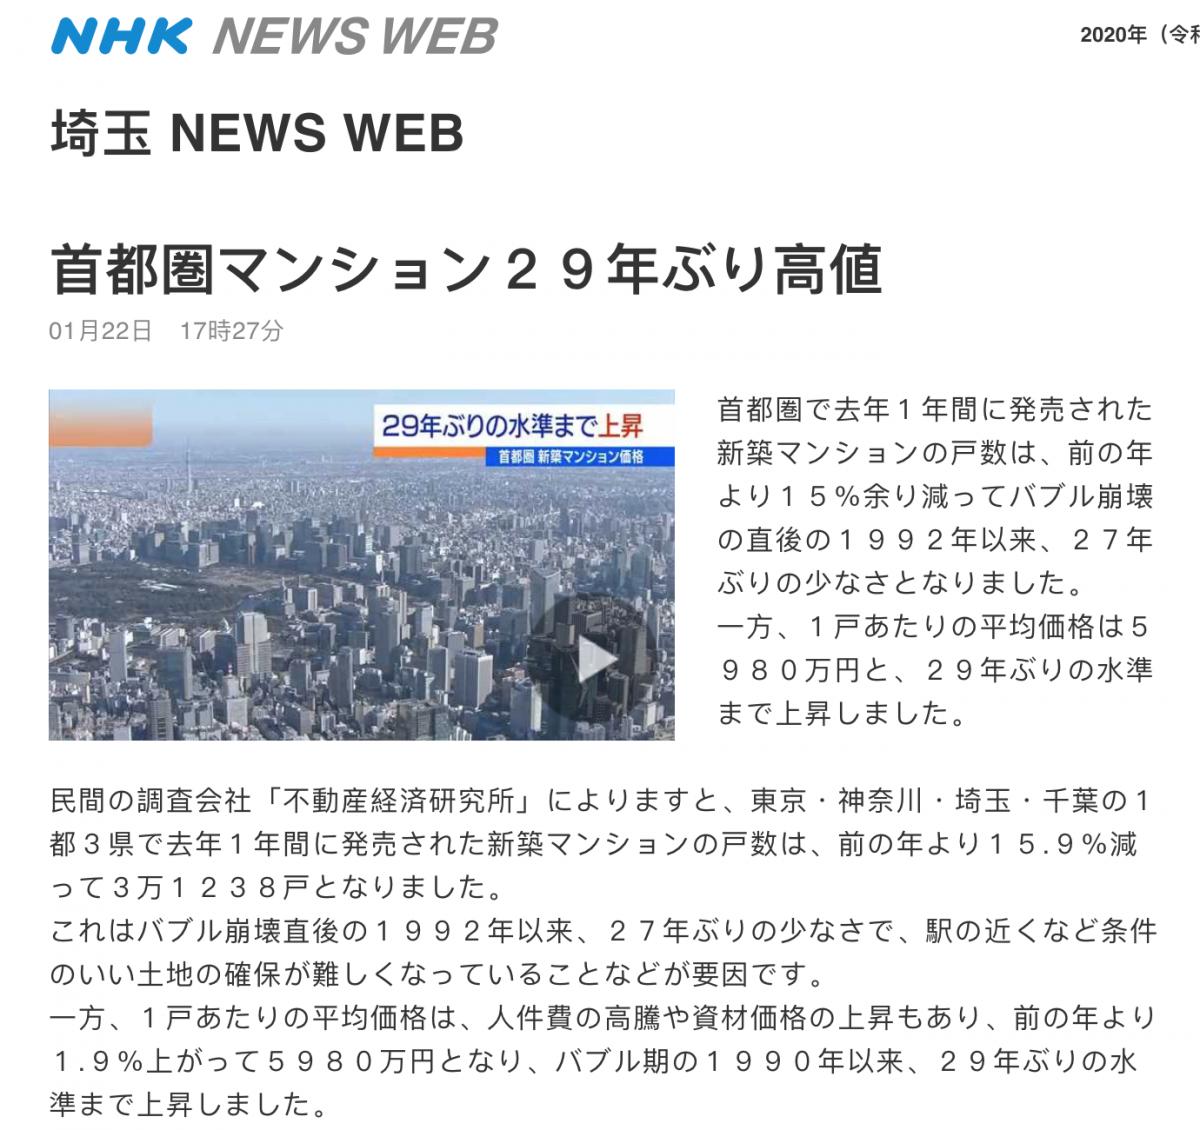 """""""首都圏のマンション価格""""的图片搜索结果"""